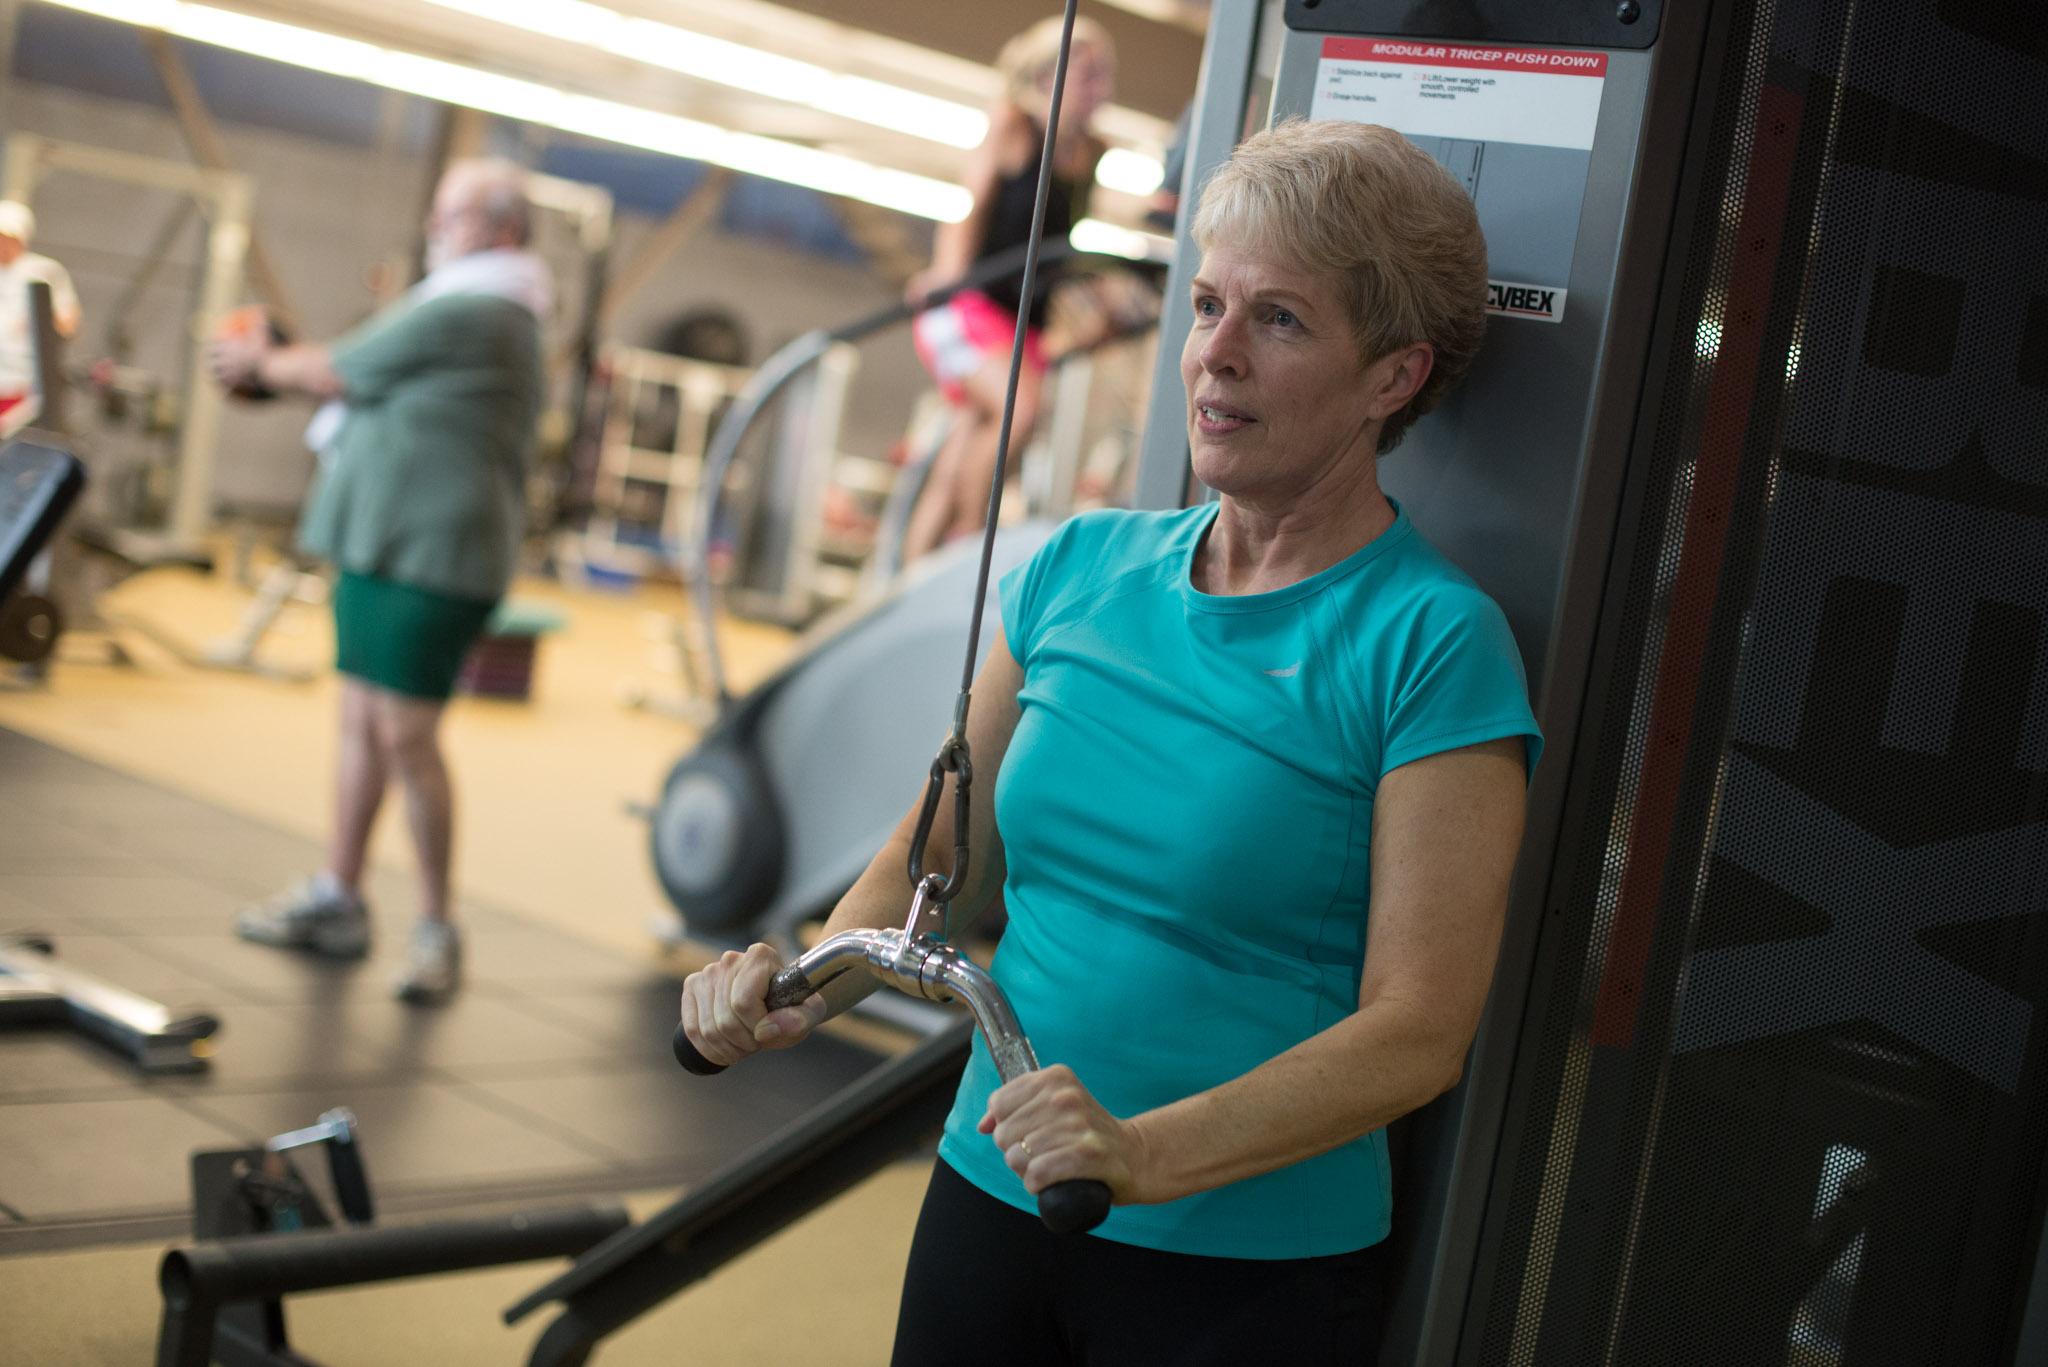 Wellness Center Stock Photos-1172.jpg